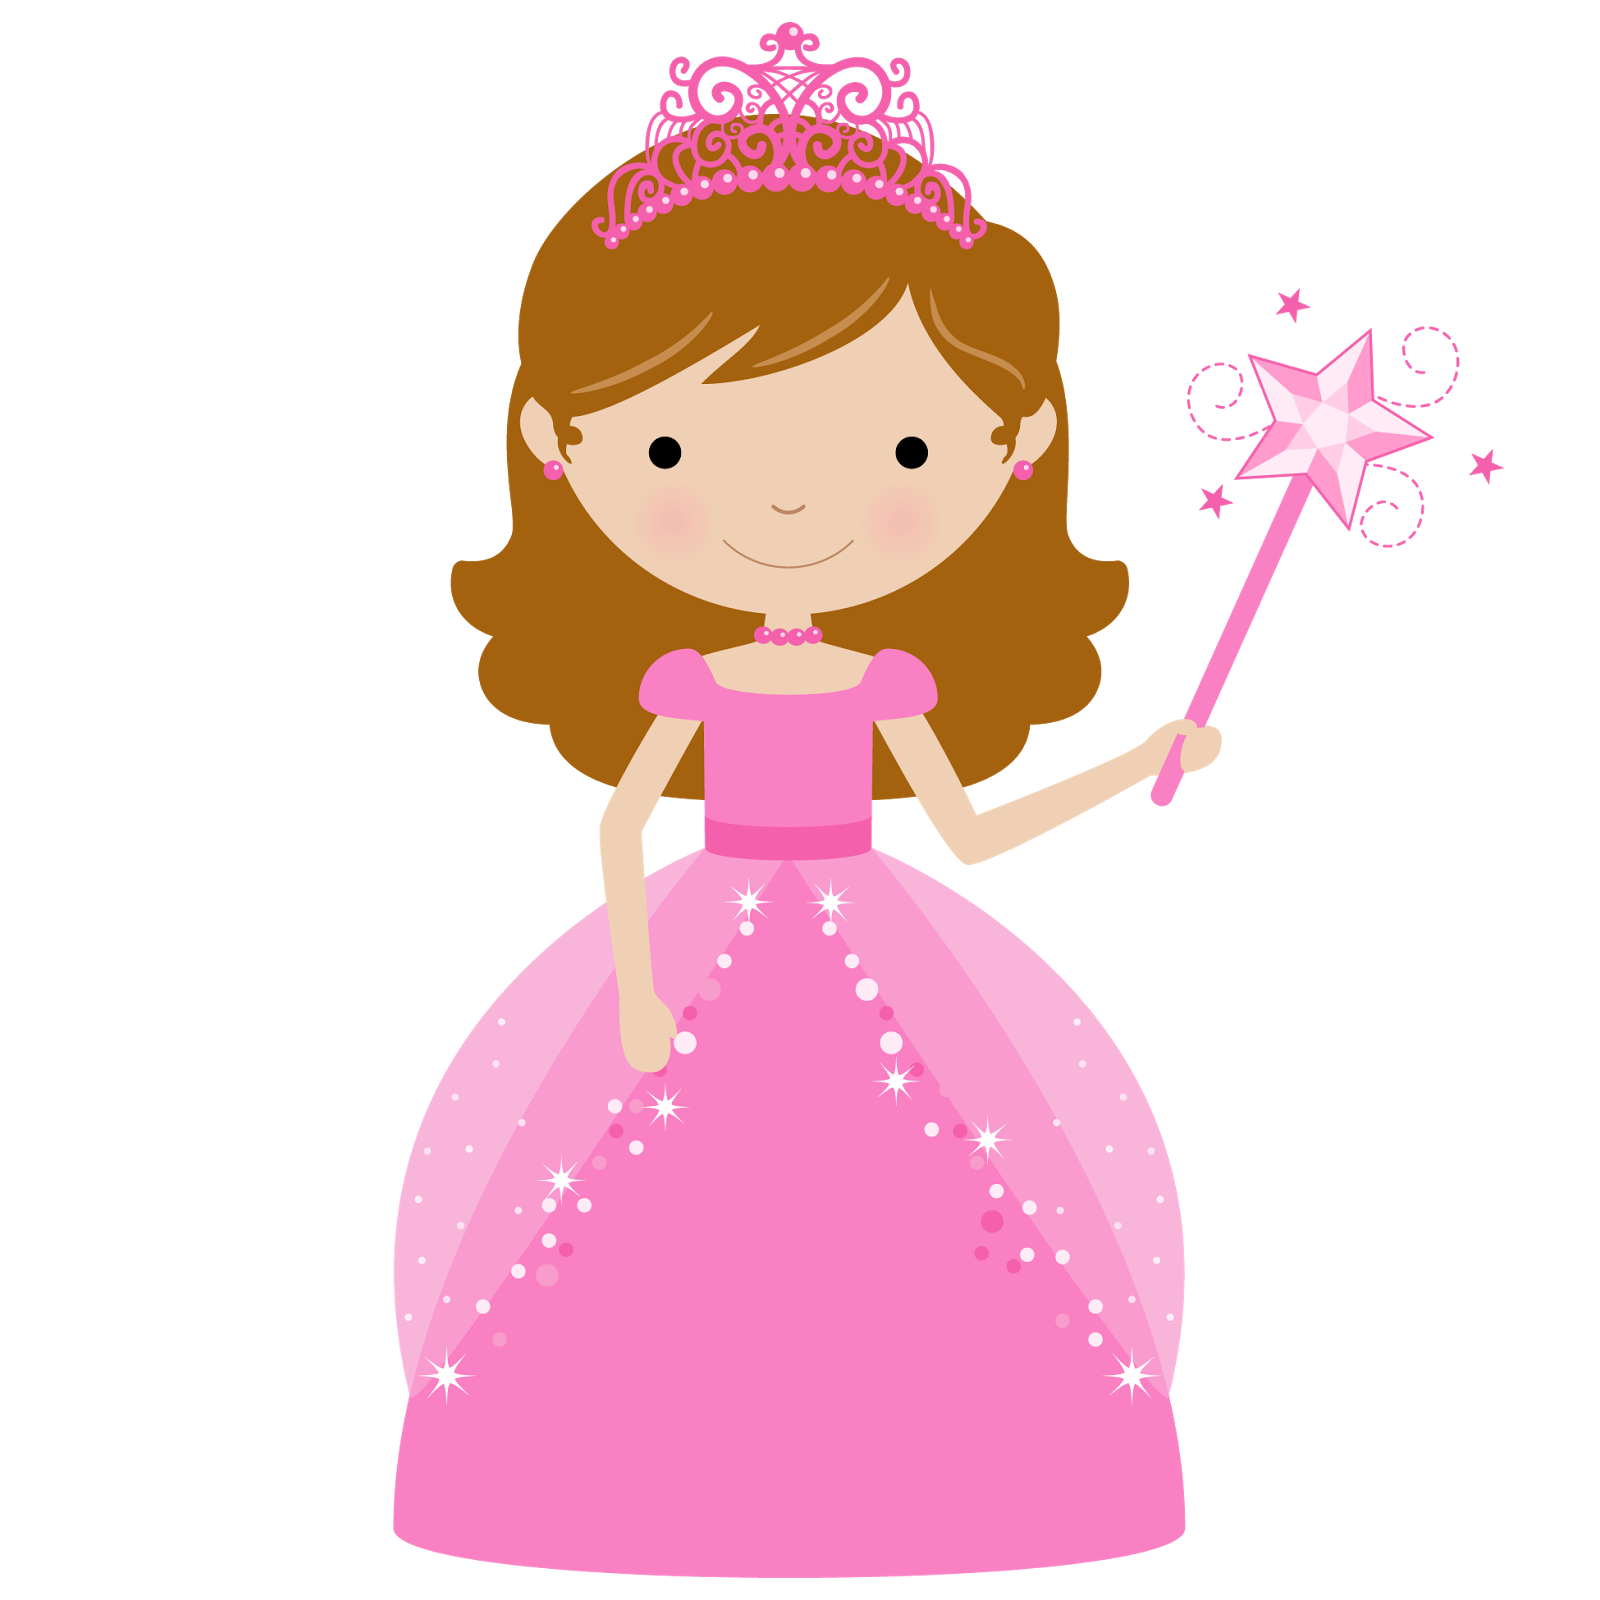 Fairytale clipart wand. I aw xusih kt